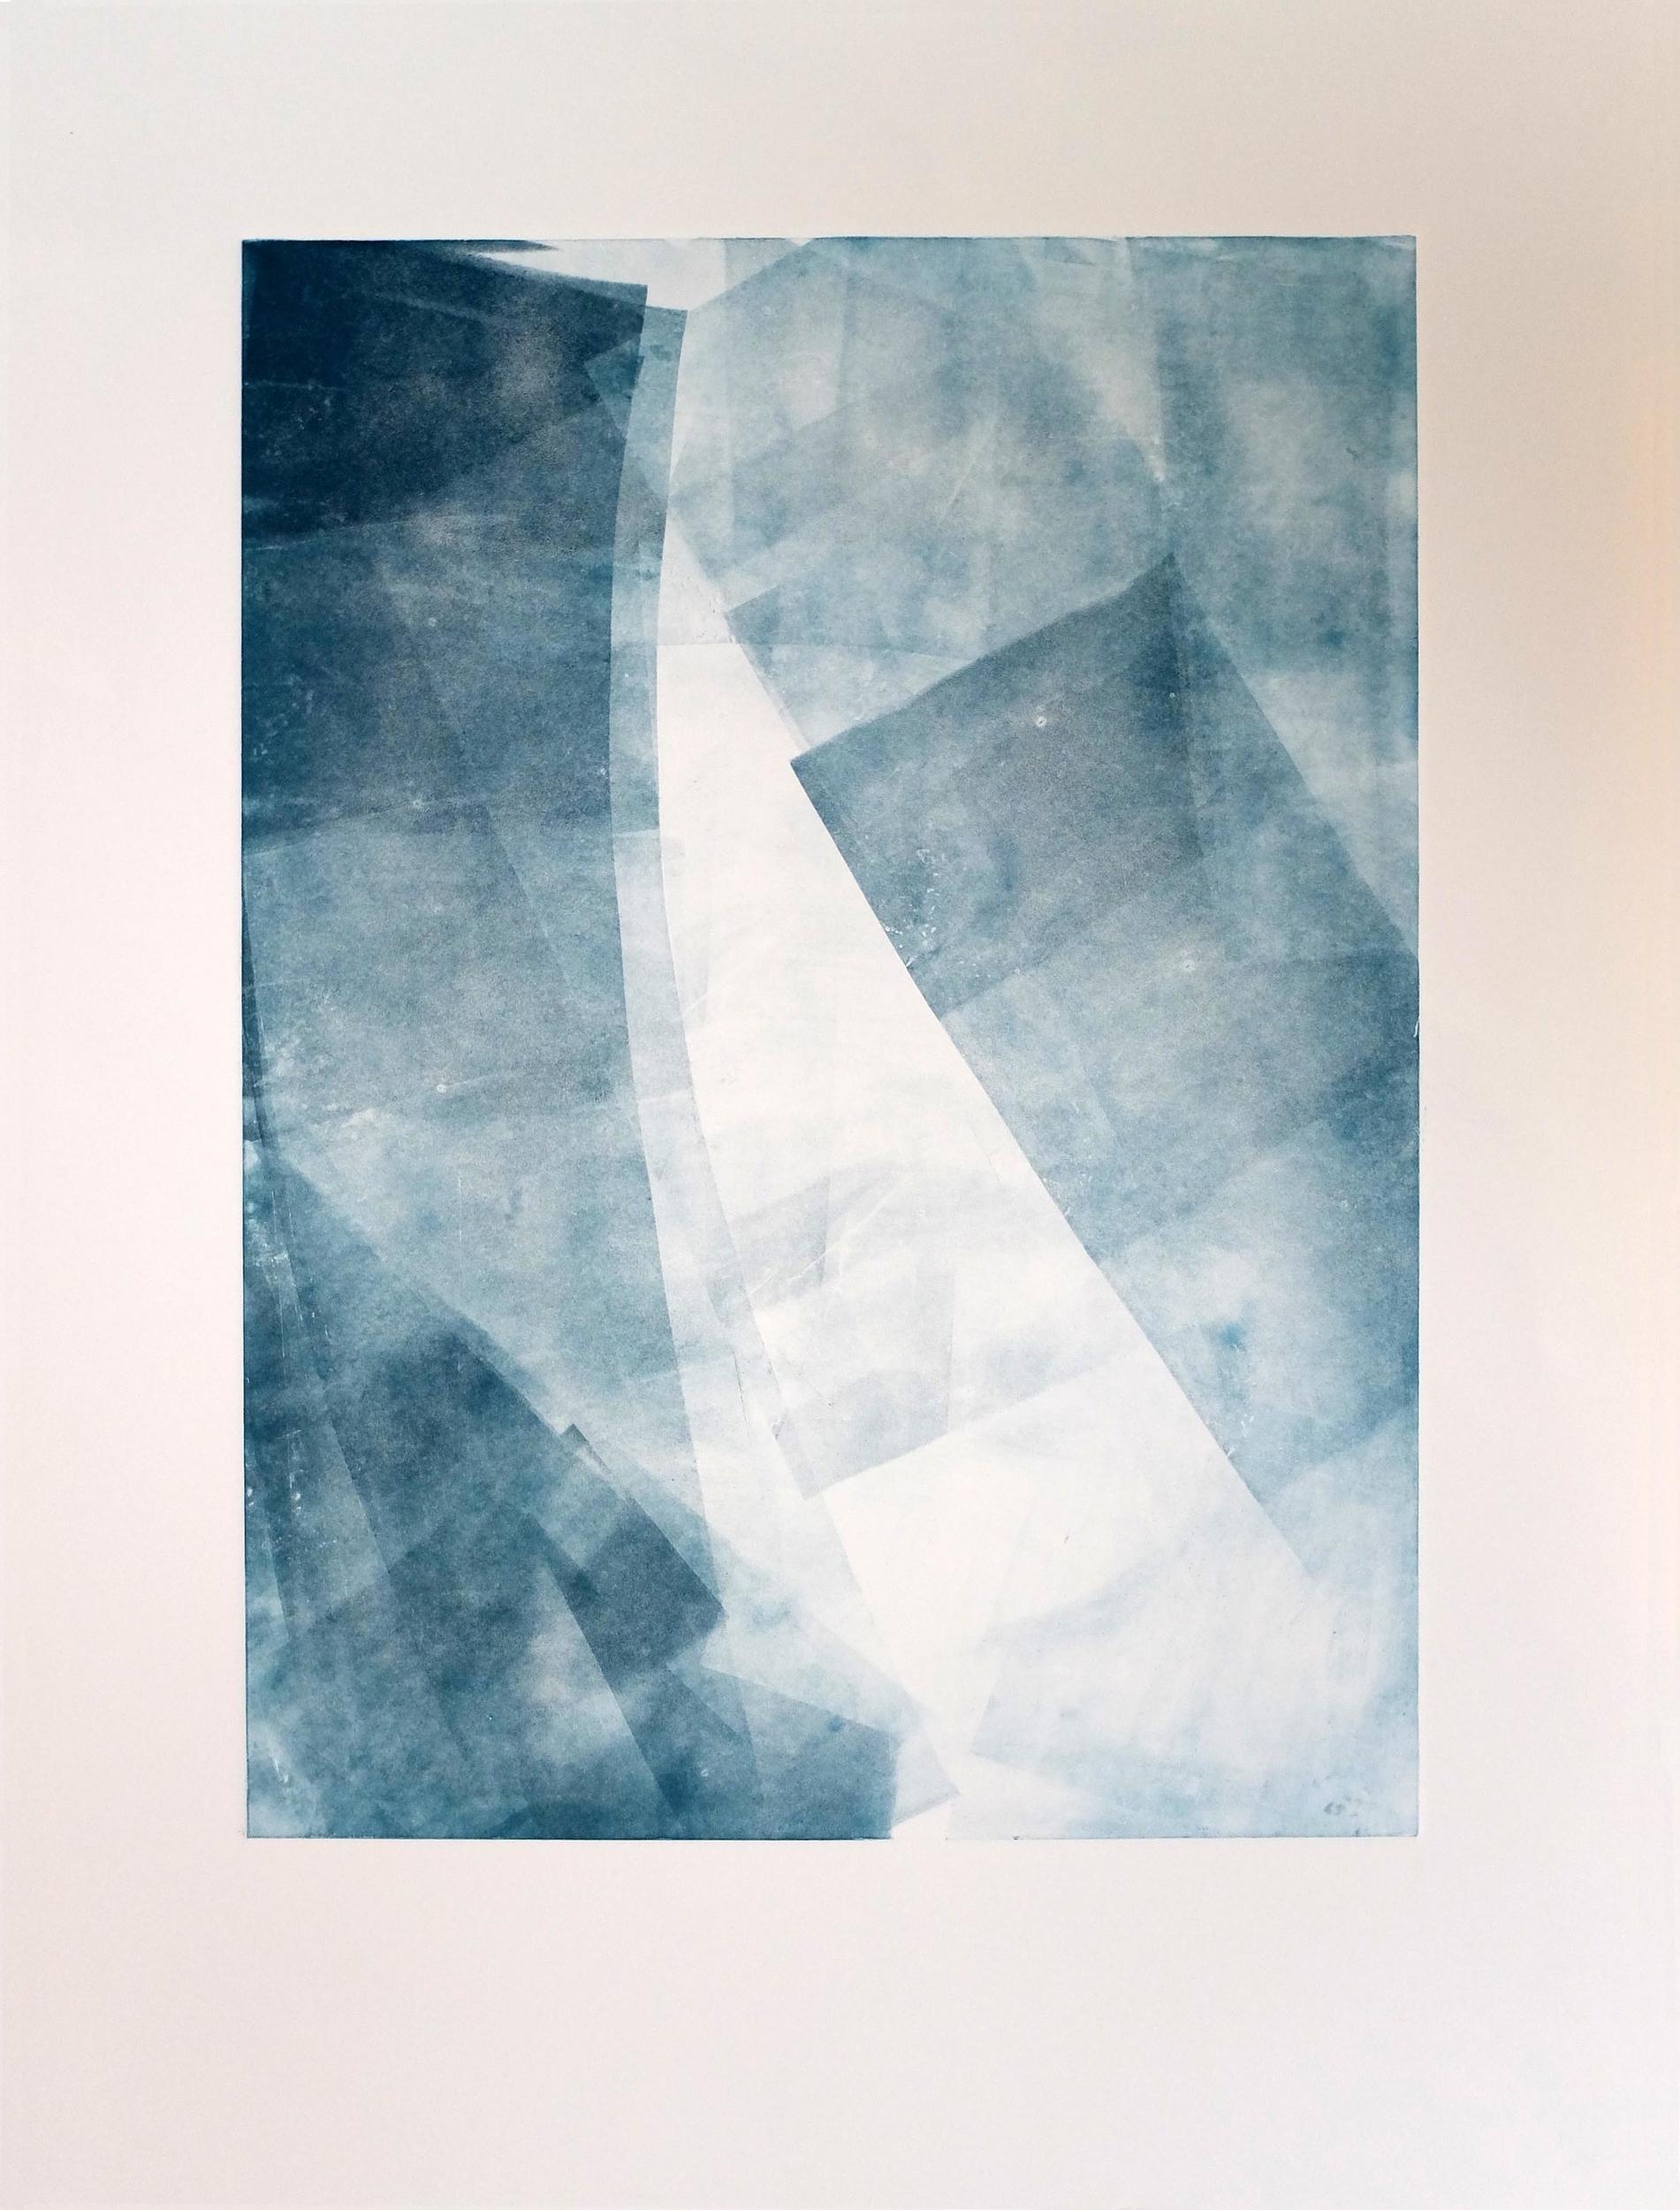 Aqua & Air 22'' x 30'' Monotype